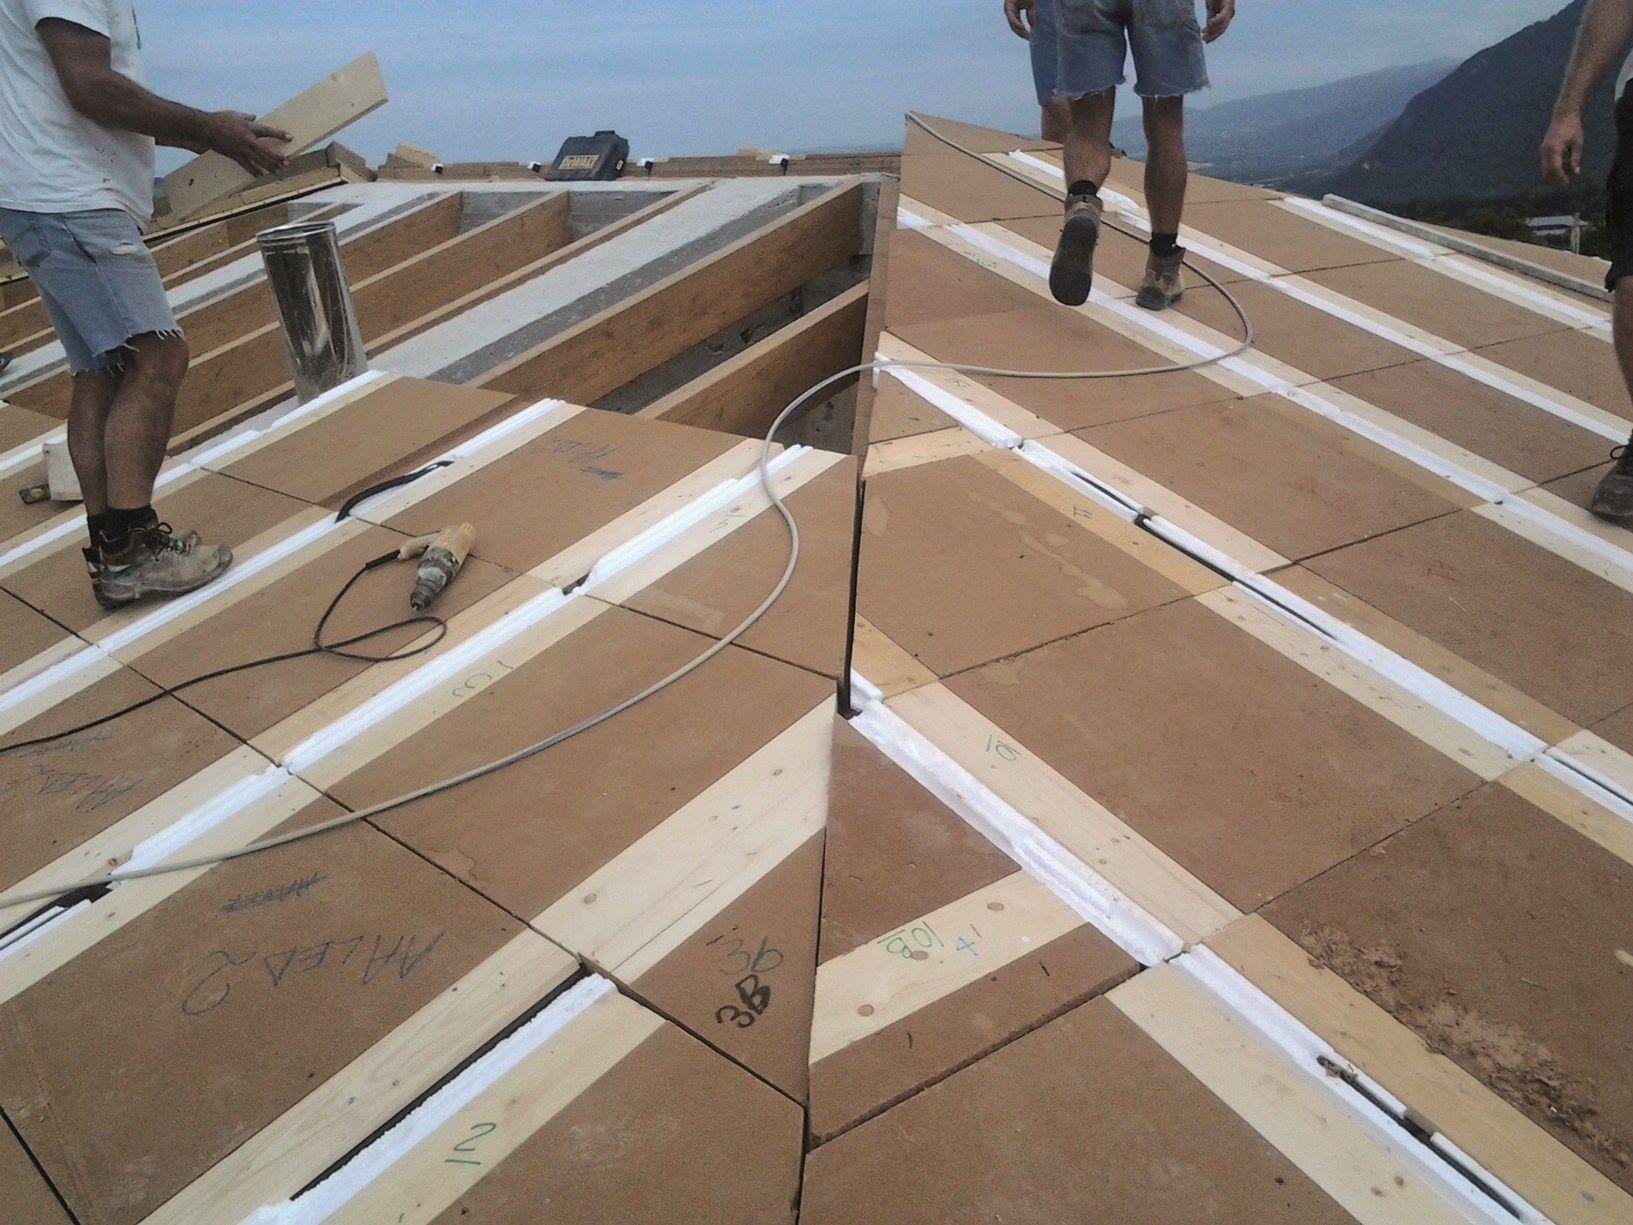 La copertura in legno hi-tech antisismica BigMat VASS per il restyling dell'azienda agricola Res Nova Il Colle